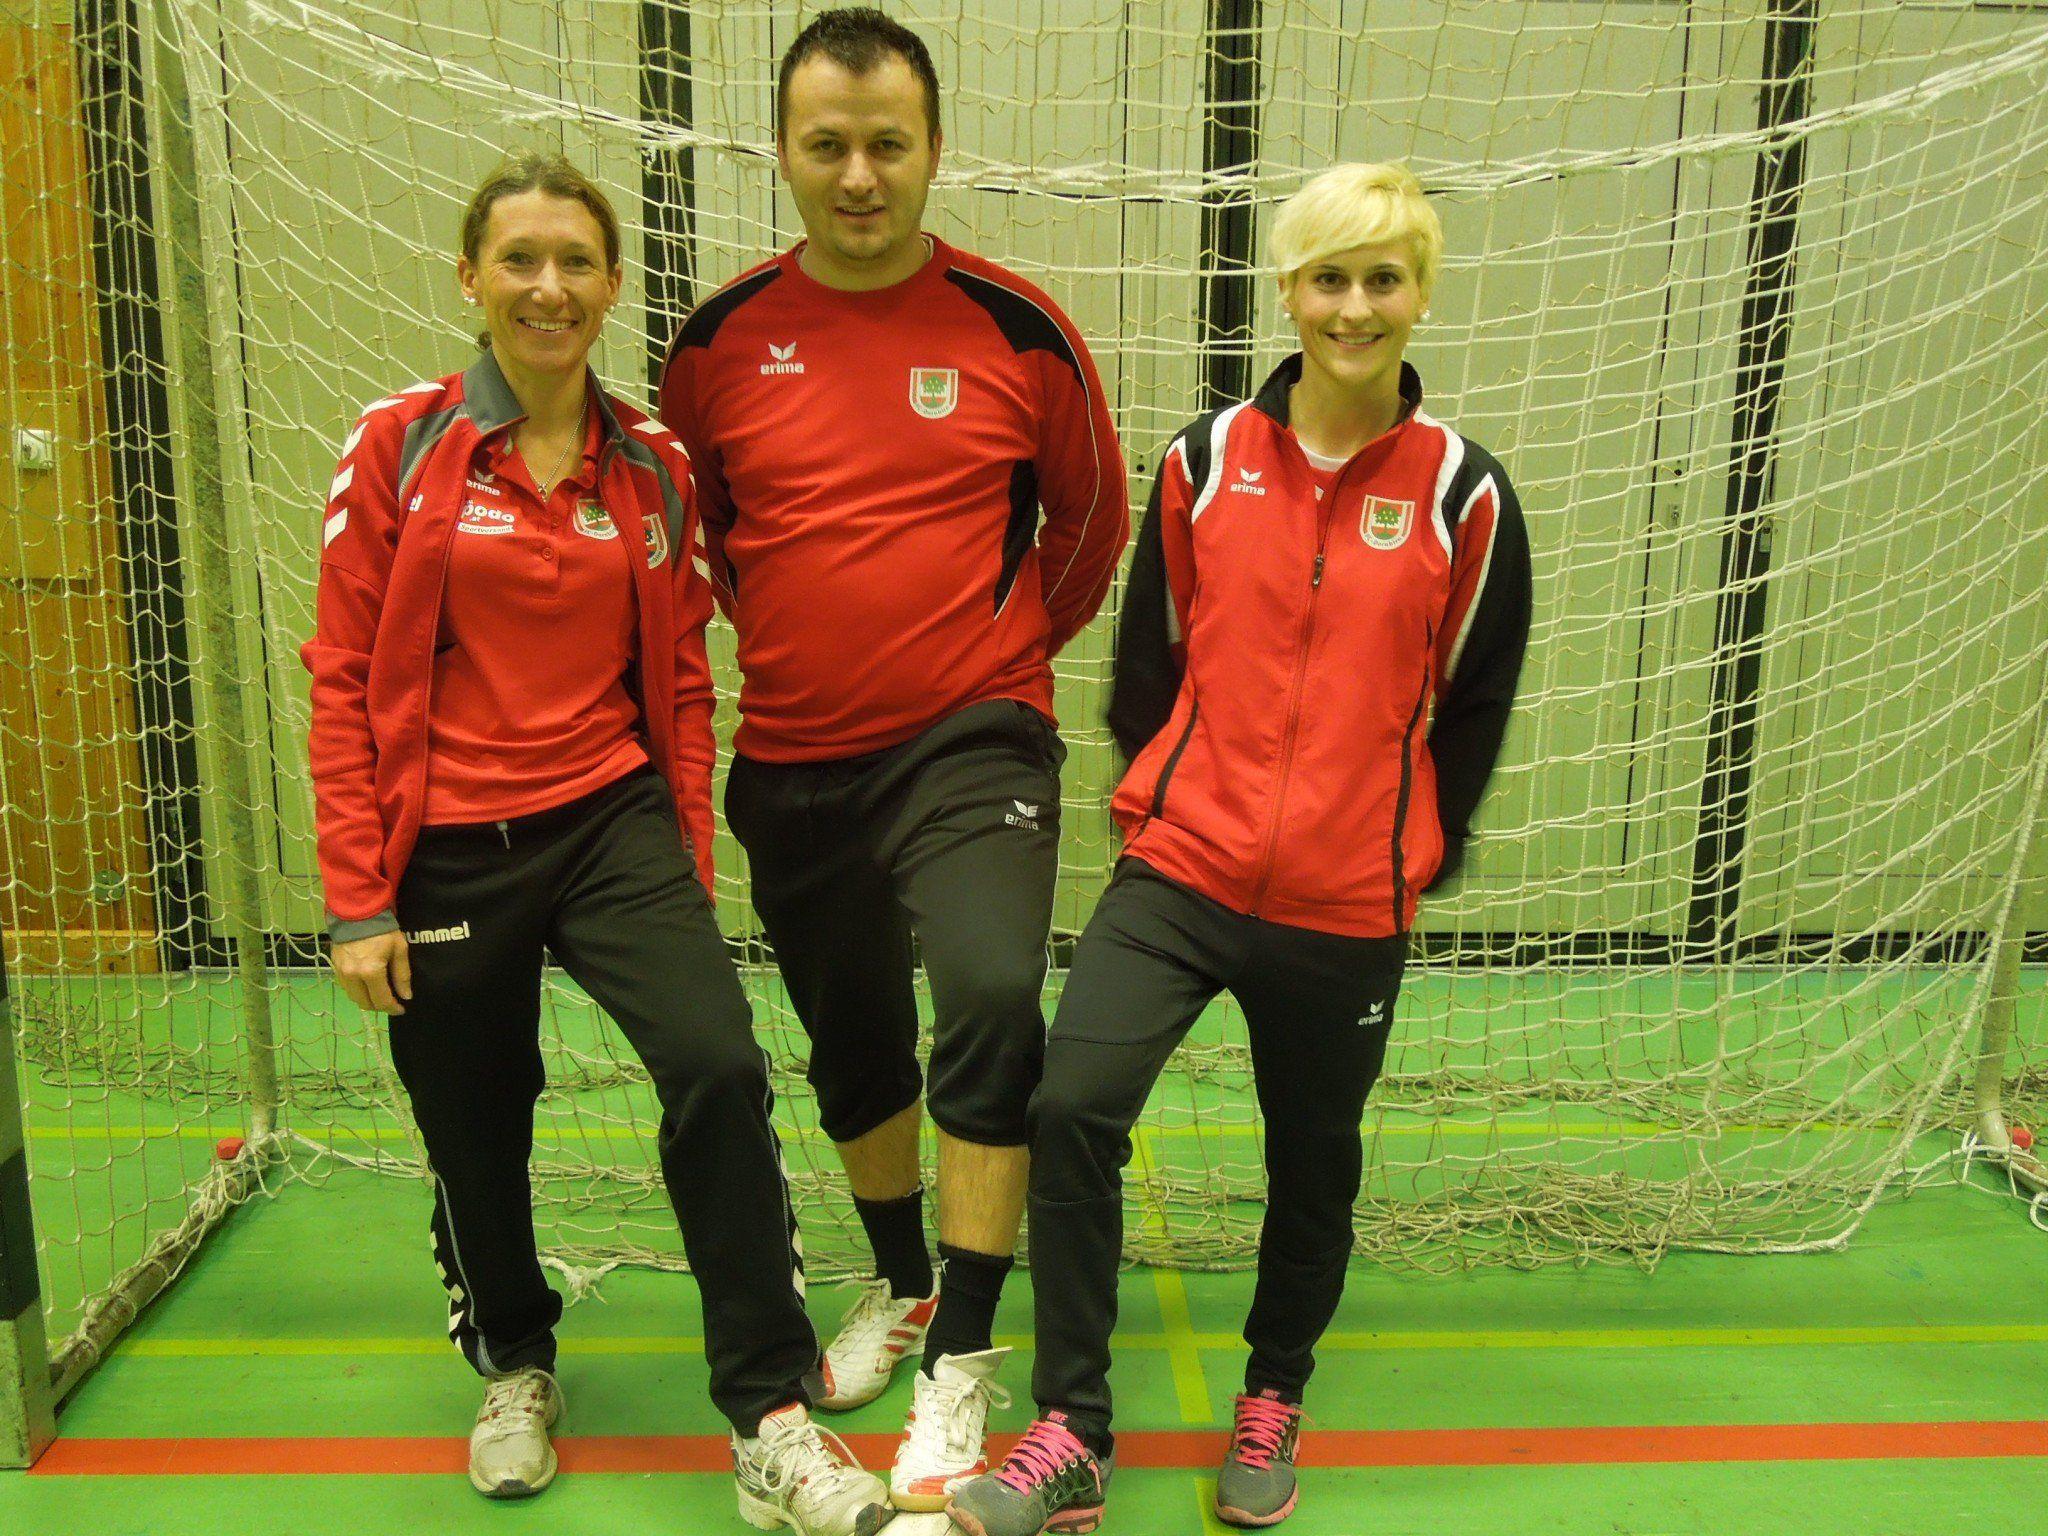 Drei, die sich mit ganzer Seele dem Nachwuchsfußball verschrieben haben - die Trainer der U7 des FC Dornbirn.